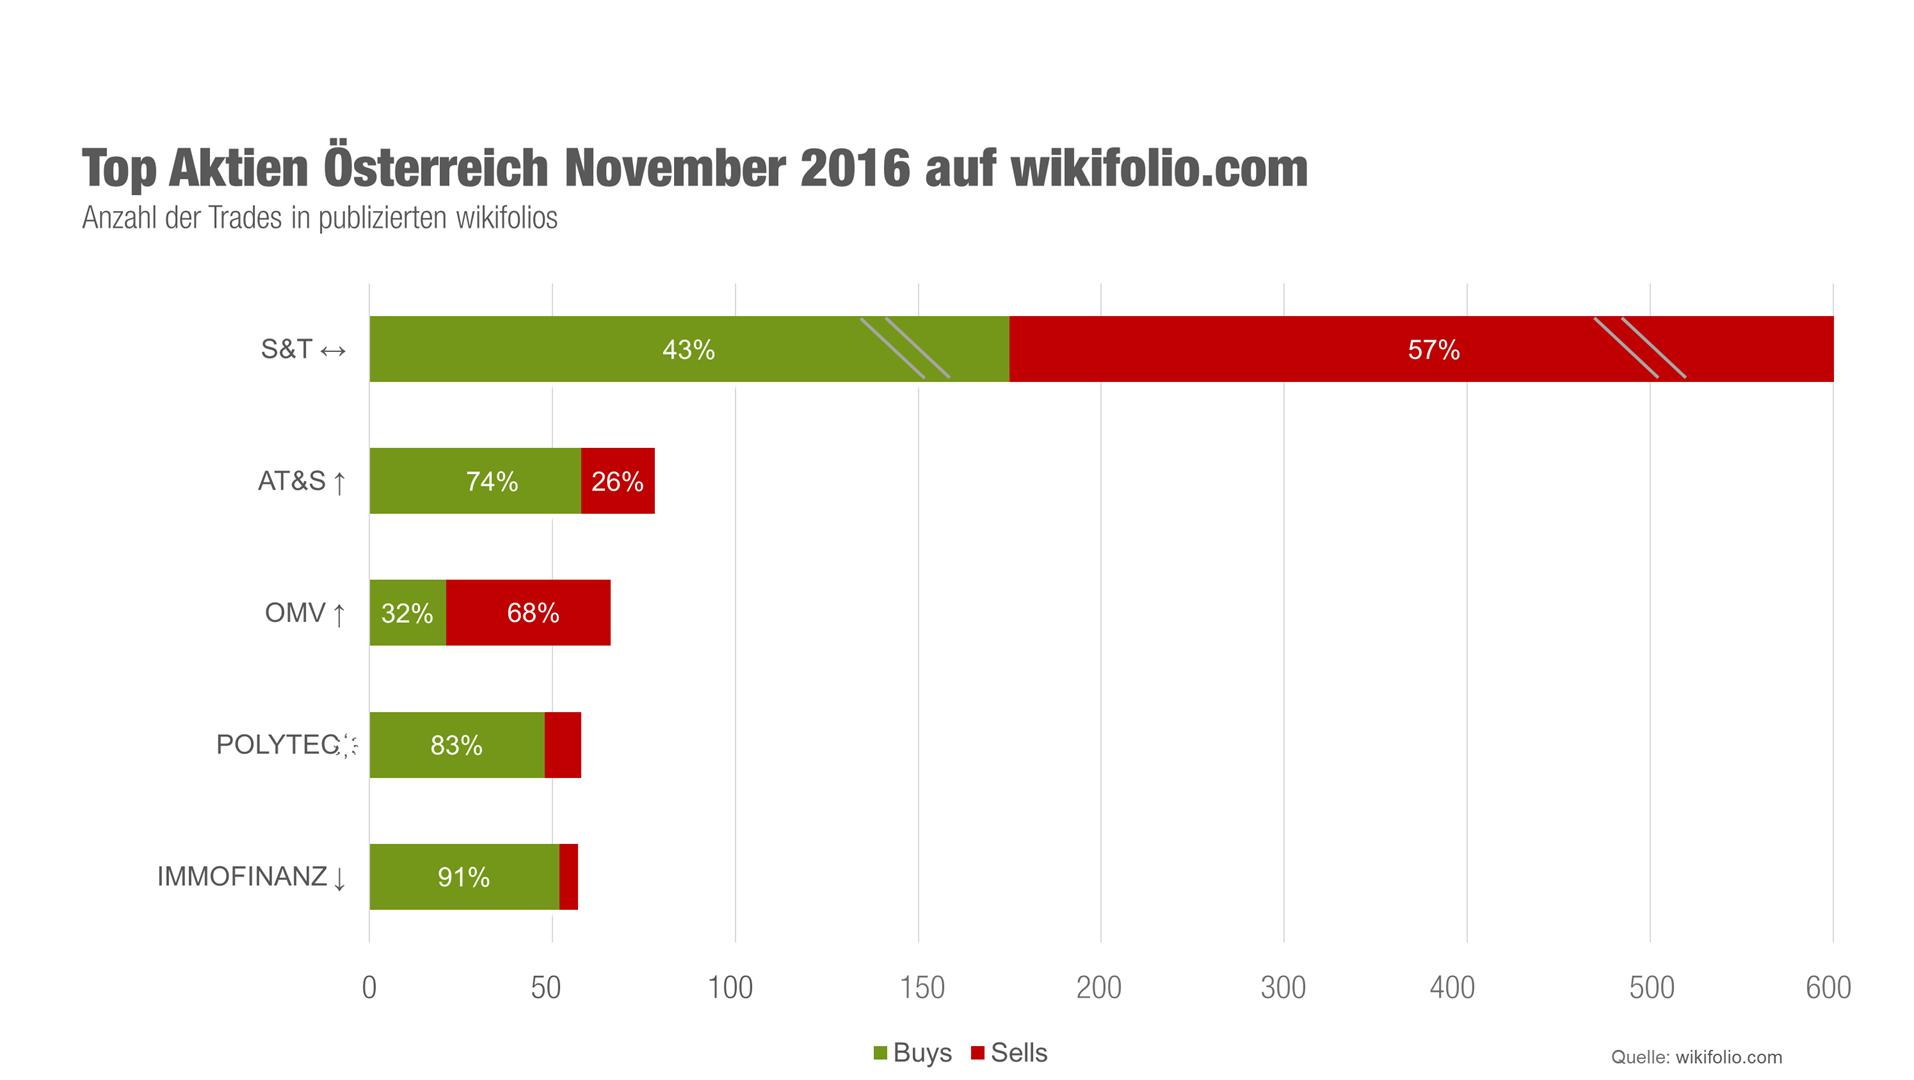 Grafik Top-5-Aktien November Österreich